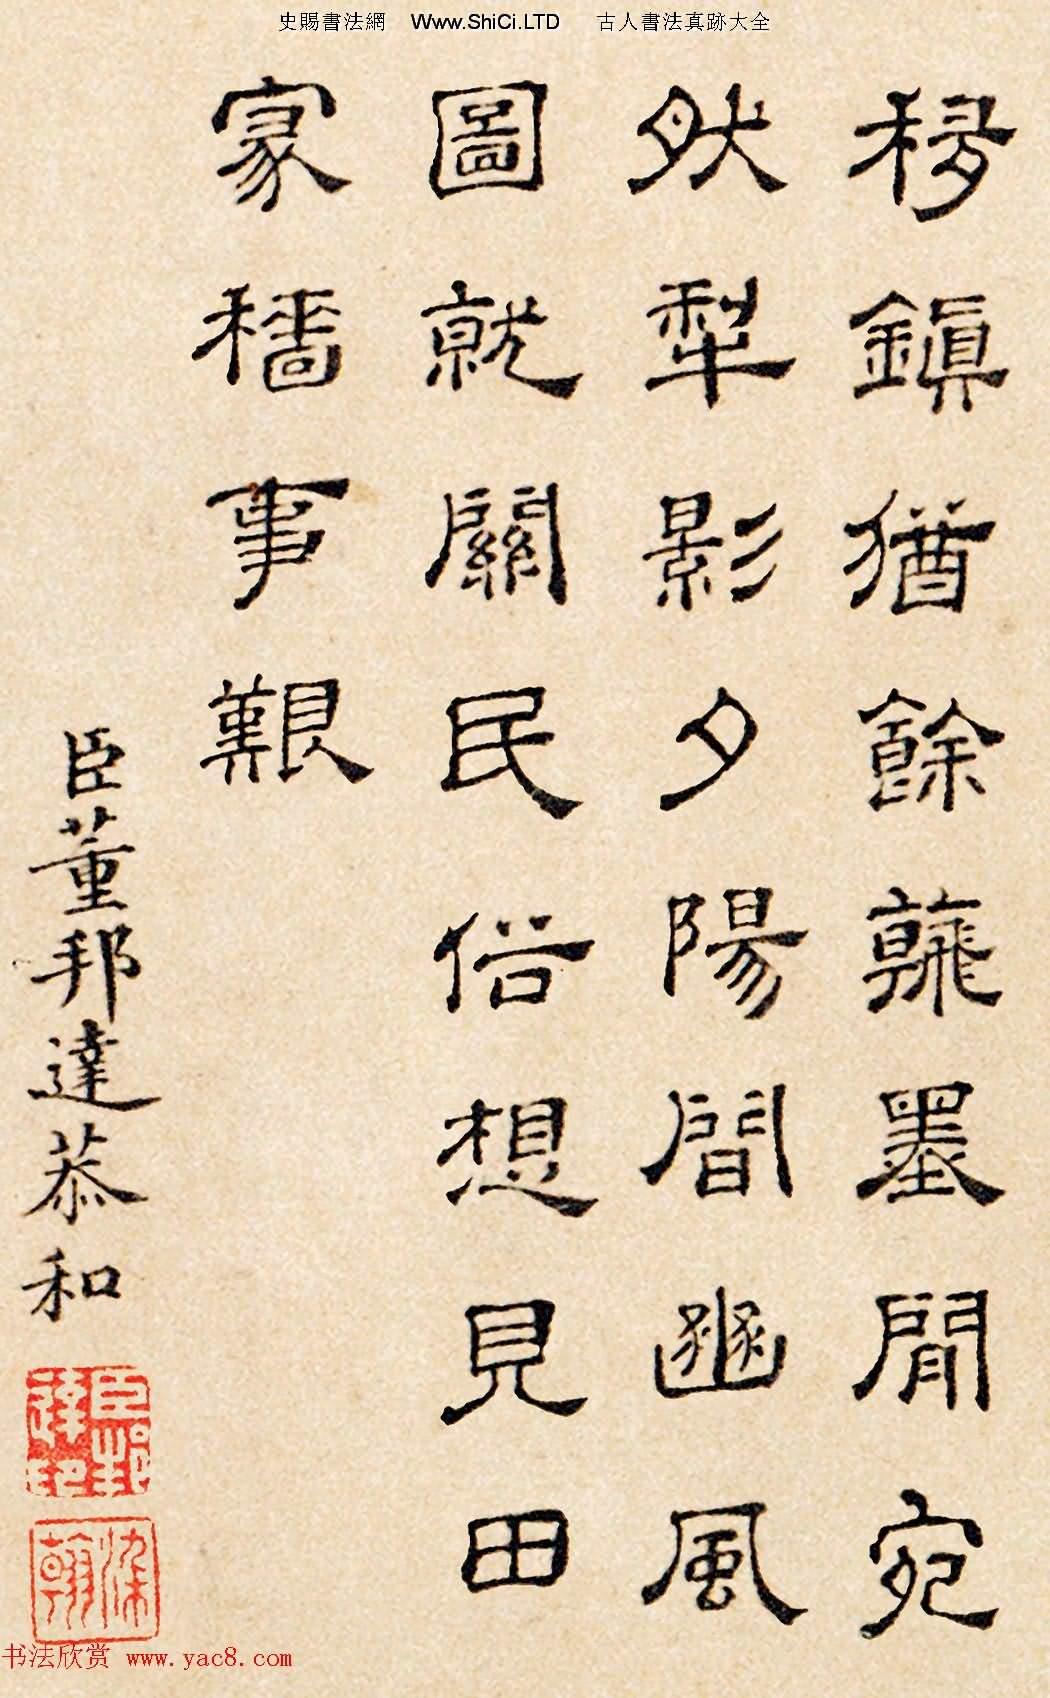 清朝八位大臣書法墨跡恭和五牛圖卷(共8張圖片)